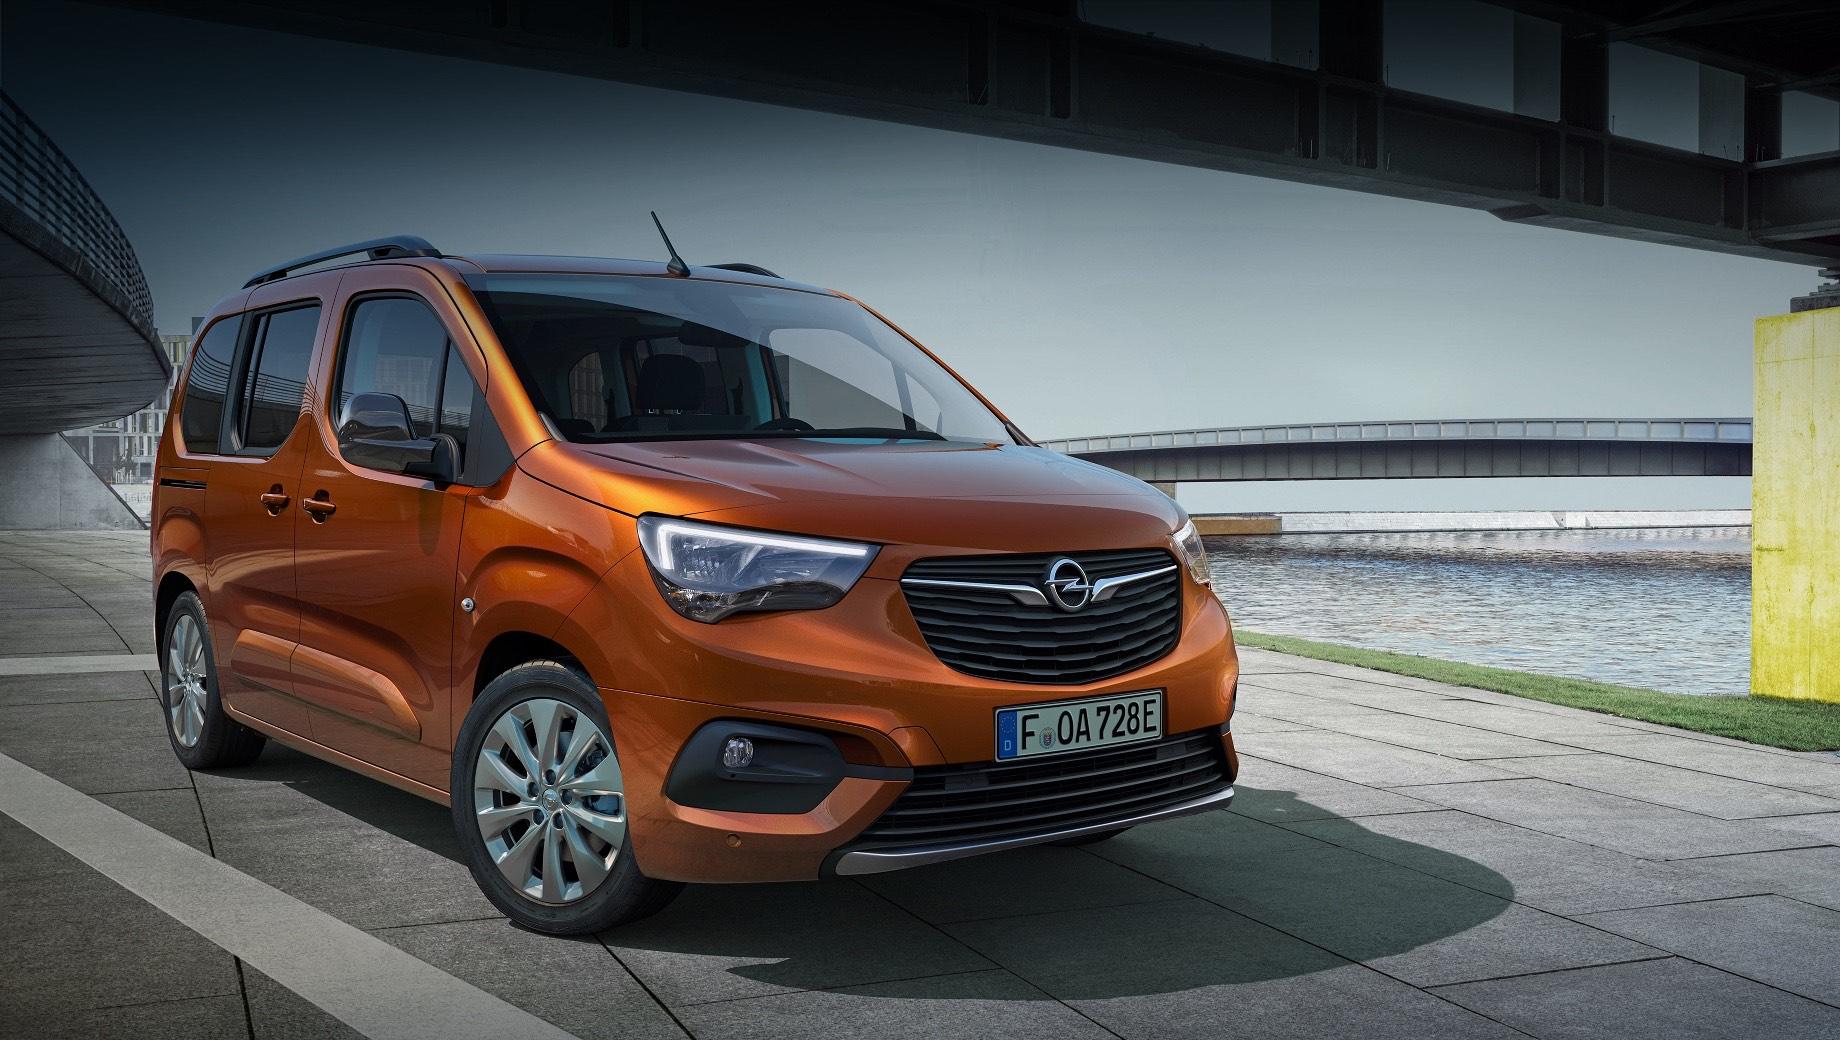 Opel combo-e,Opel combo-e life. Combo-e комплектуется однофазным бортовым зарядным устройством на 7,4 кВт, а опционально — трёхфазным чарджером на 11 кВт. Электрокар можно наполнять энергией от бытовой сети (от 5,5 до 15 часов до 100%), но 100-киловаттный источник постоянного тока зарядит аккумулятор до 80% за полчаса.